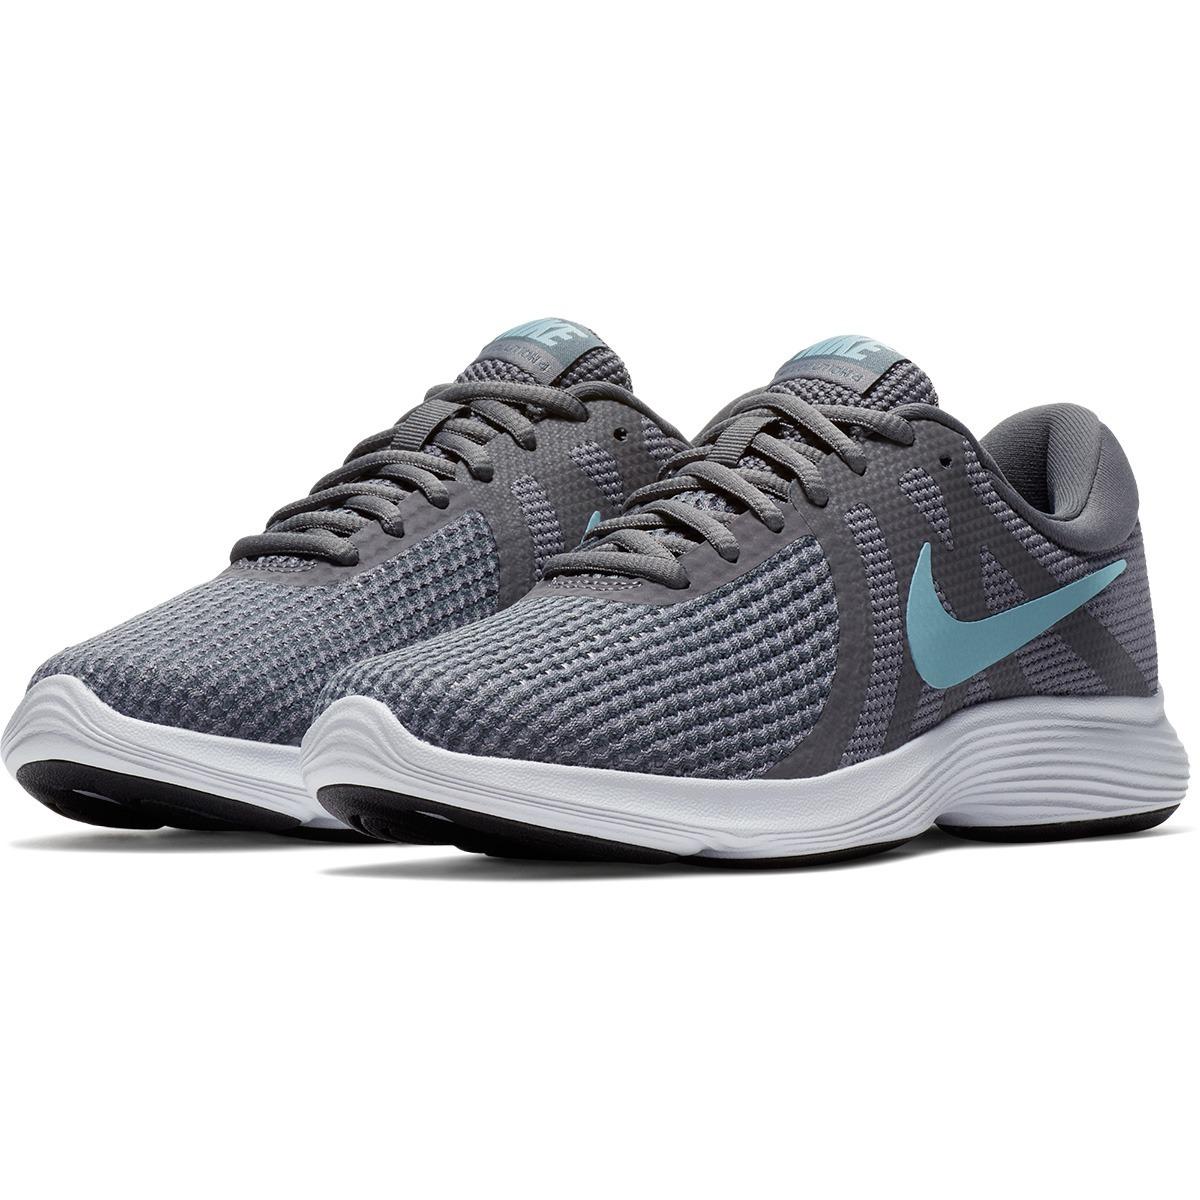 tênis nike revolution 4 feminino original cinza e azul. Carregando zoom. 898d852aff4fb